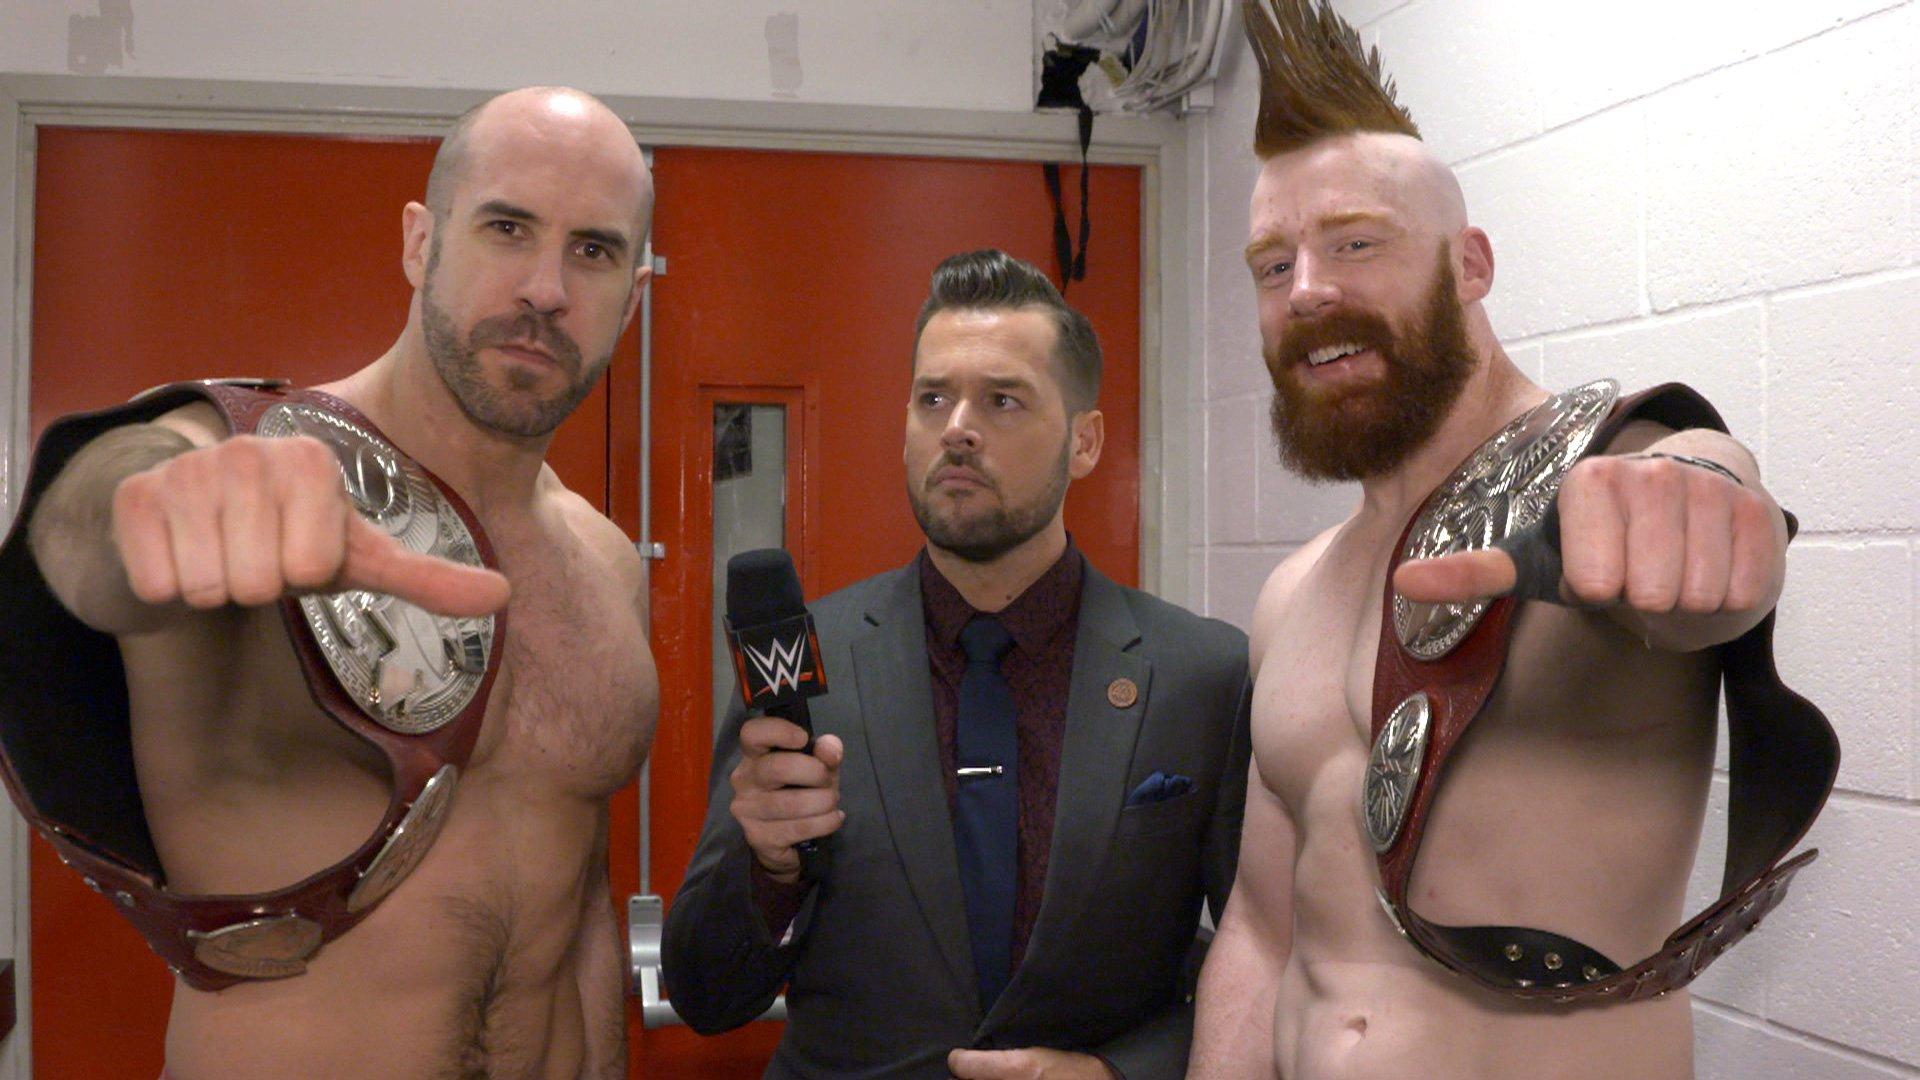 Cesaro & Sheamus célèbrent leur victoire de Championnat par Équipes de Raw: Exclusivité WWE.fr, 6 Novembre 2017.